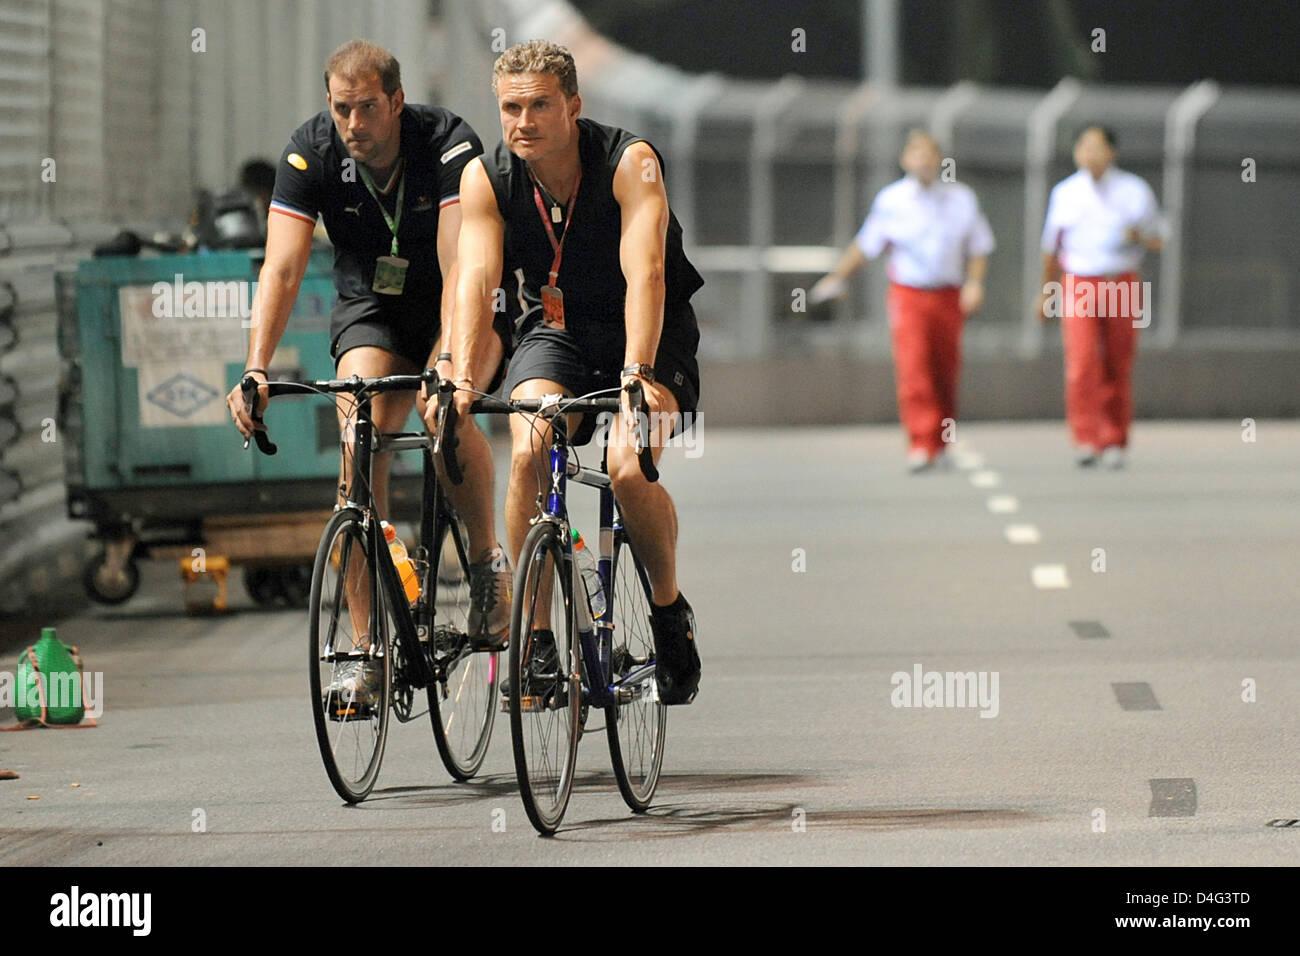 La pilote de Formule 1 David Coulthard (R) de Red Bull avec un vélo sur la piste avant le Grand Prix de Formule Banque D'Images